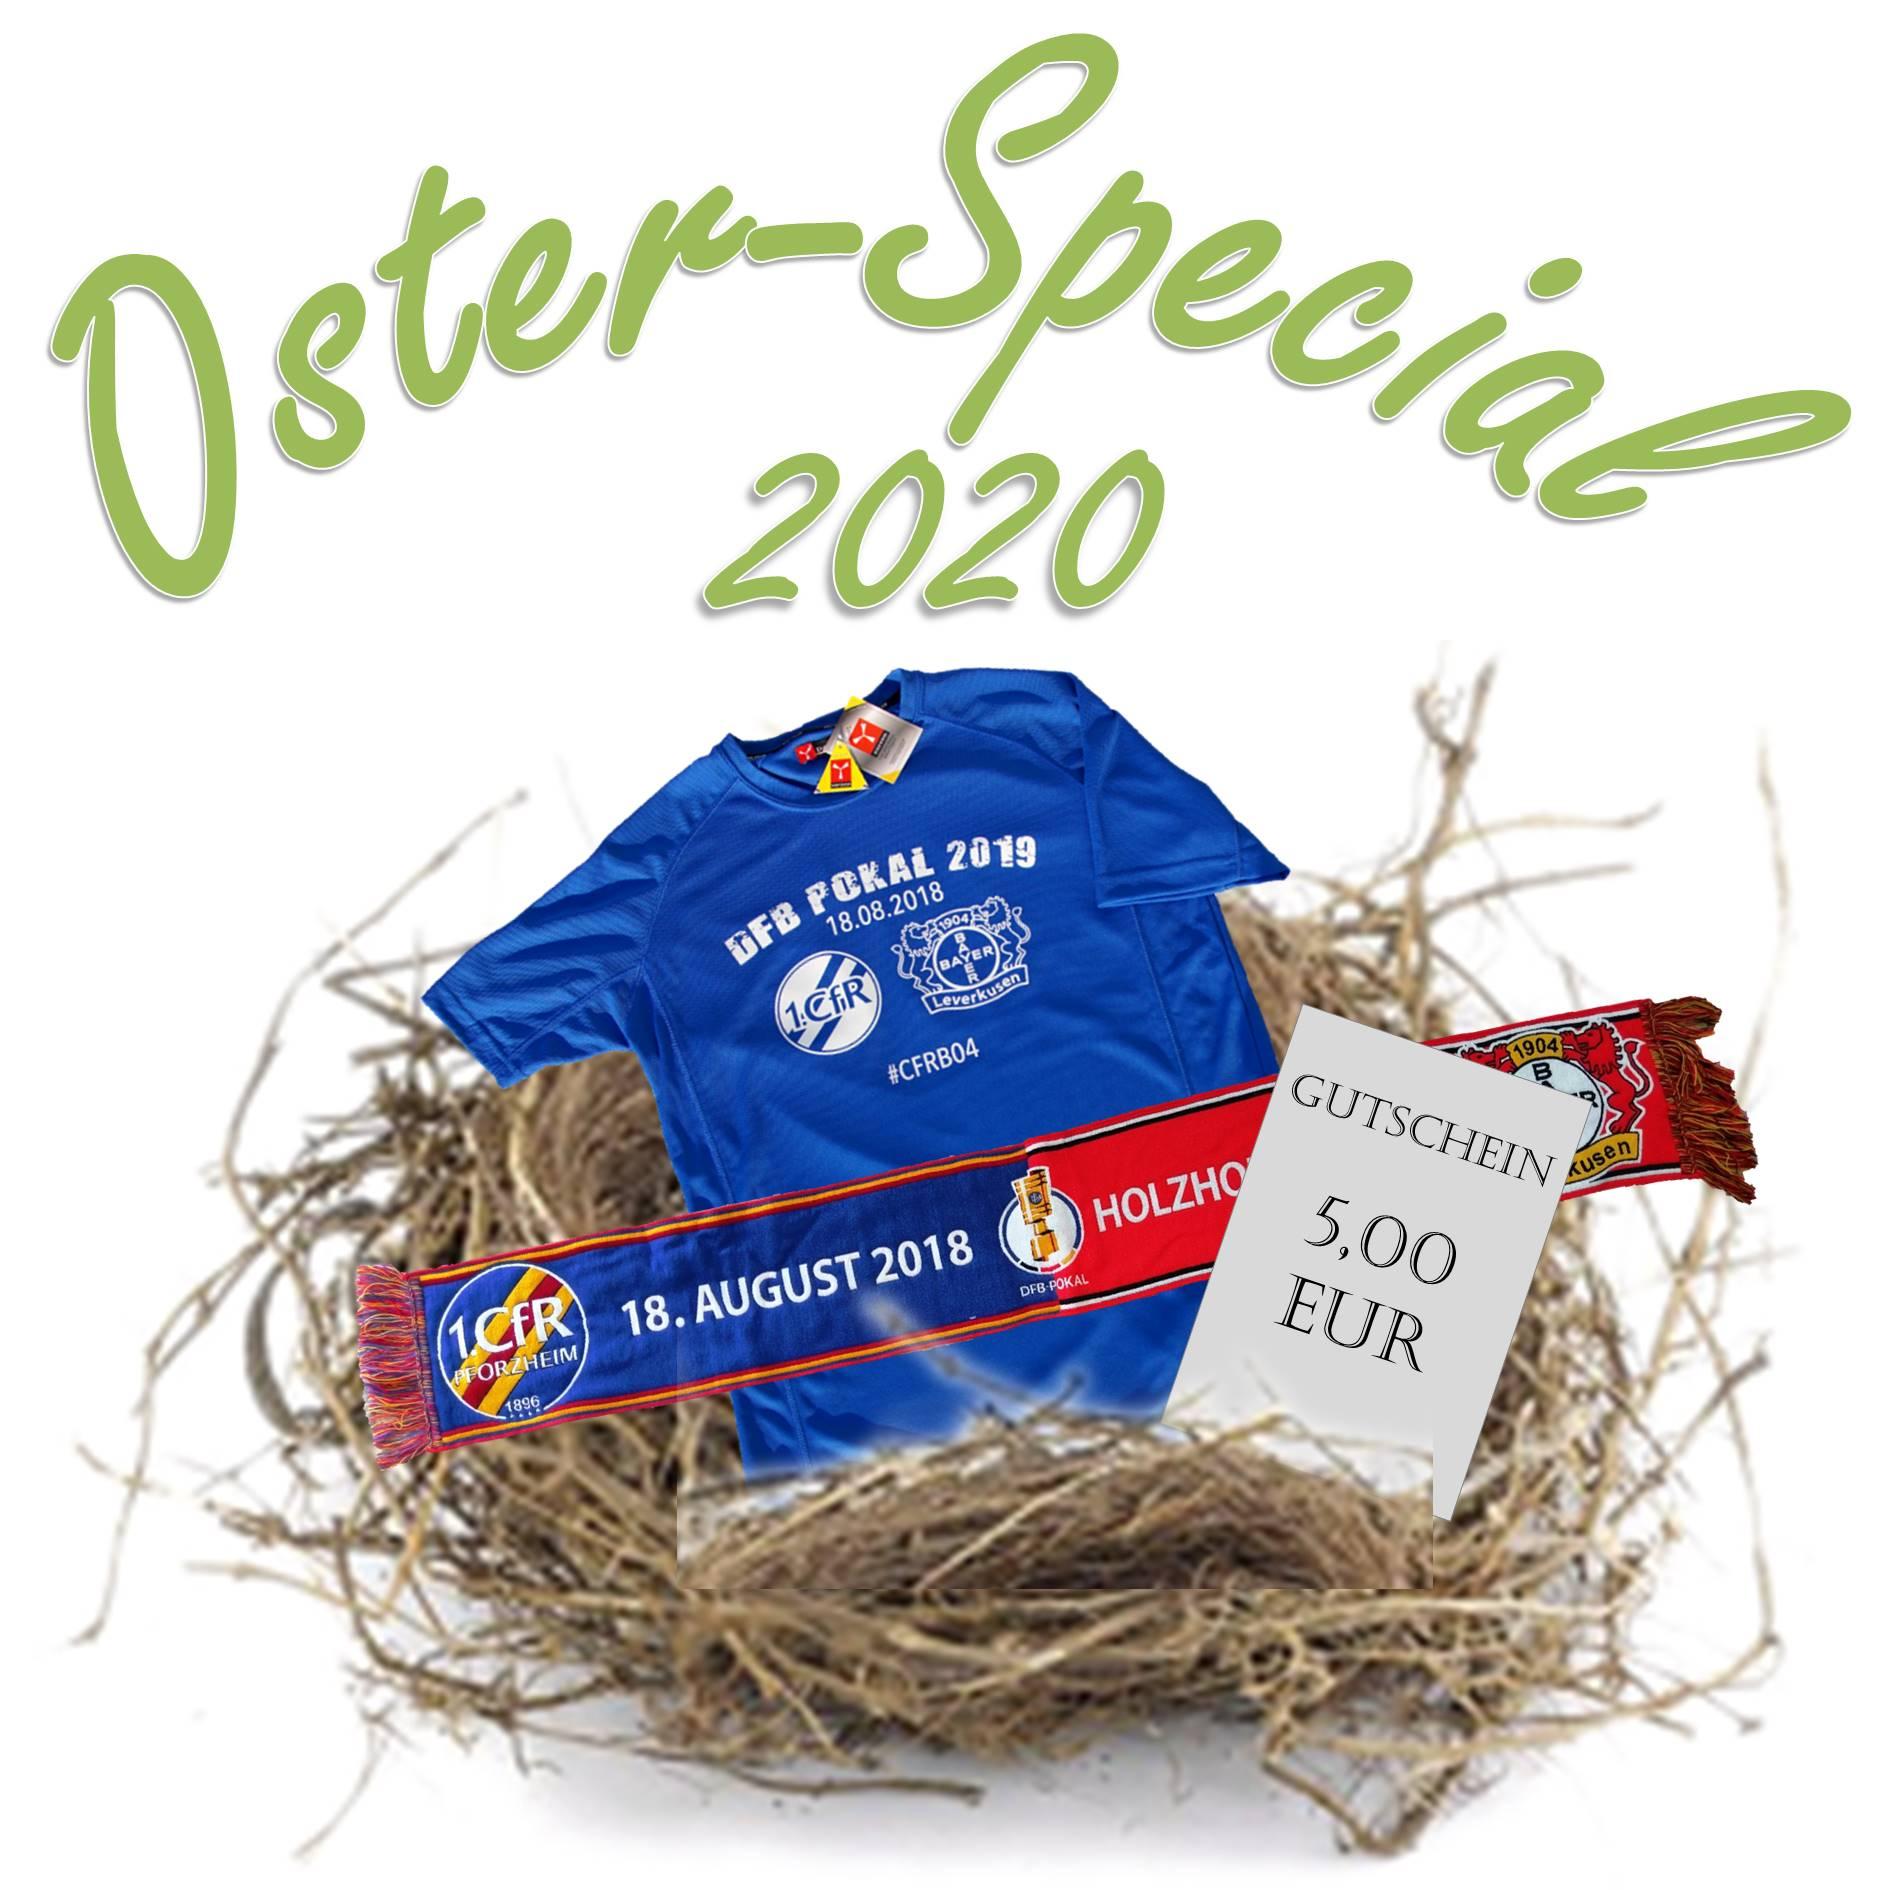 Jetzt gibt's das Oster-Special 2020